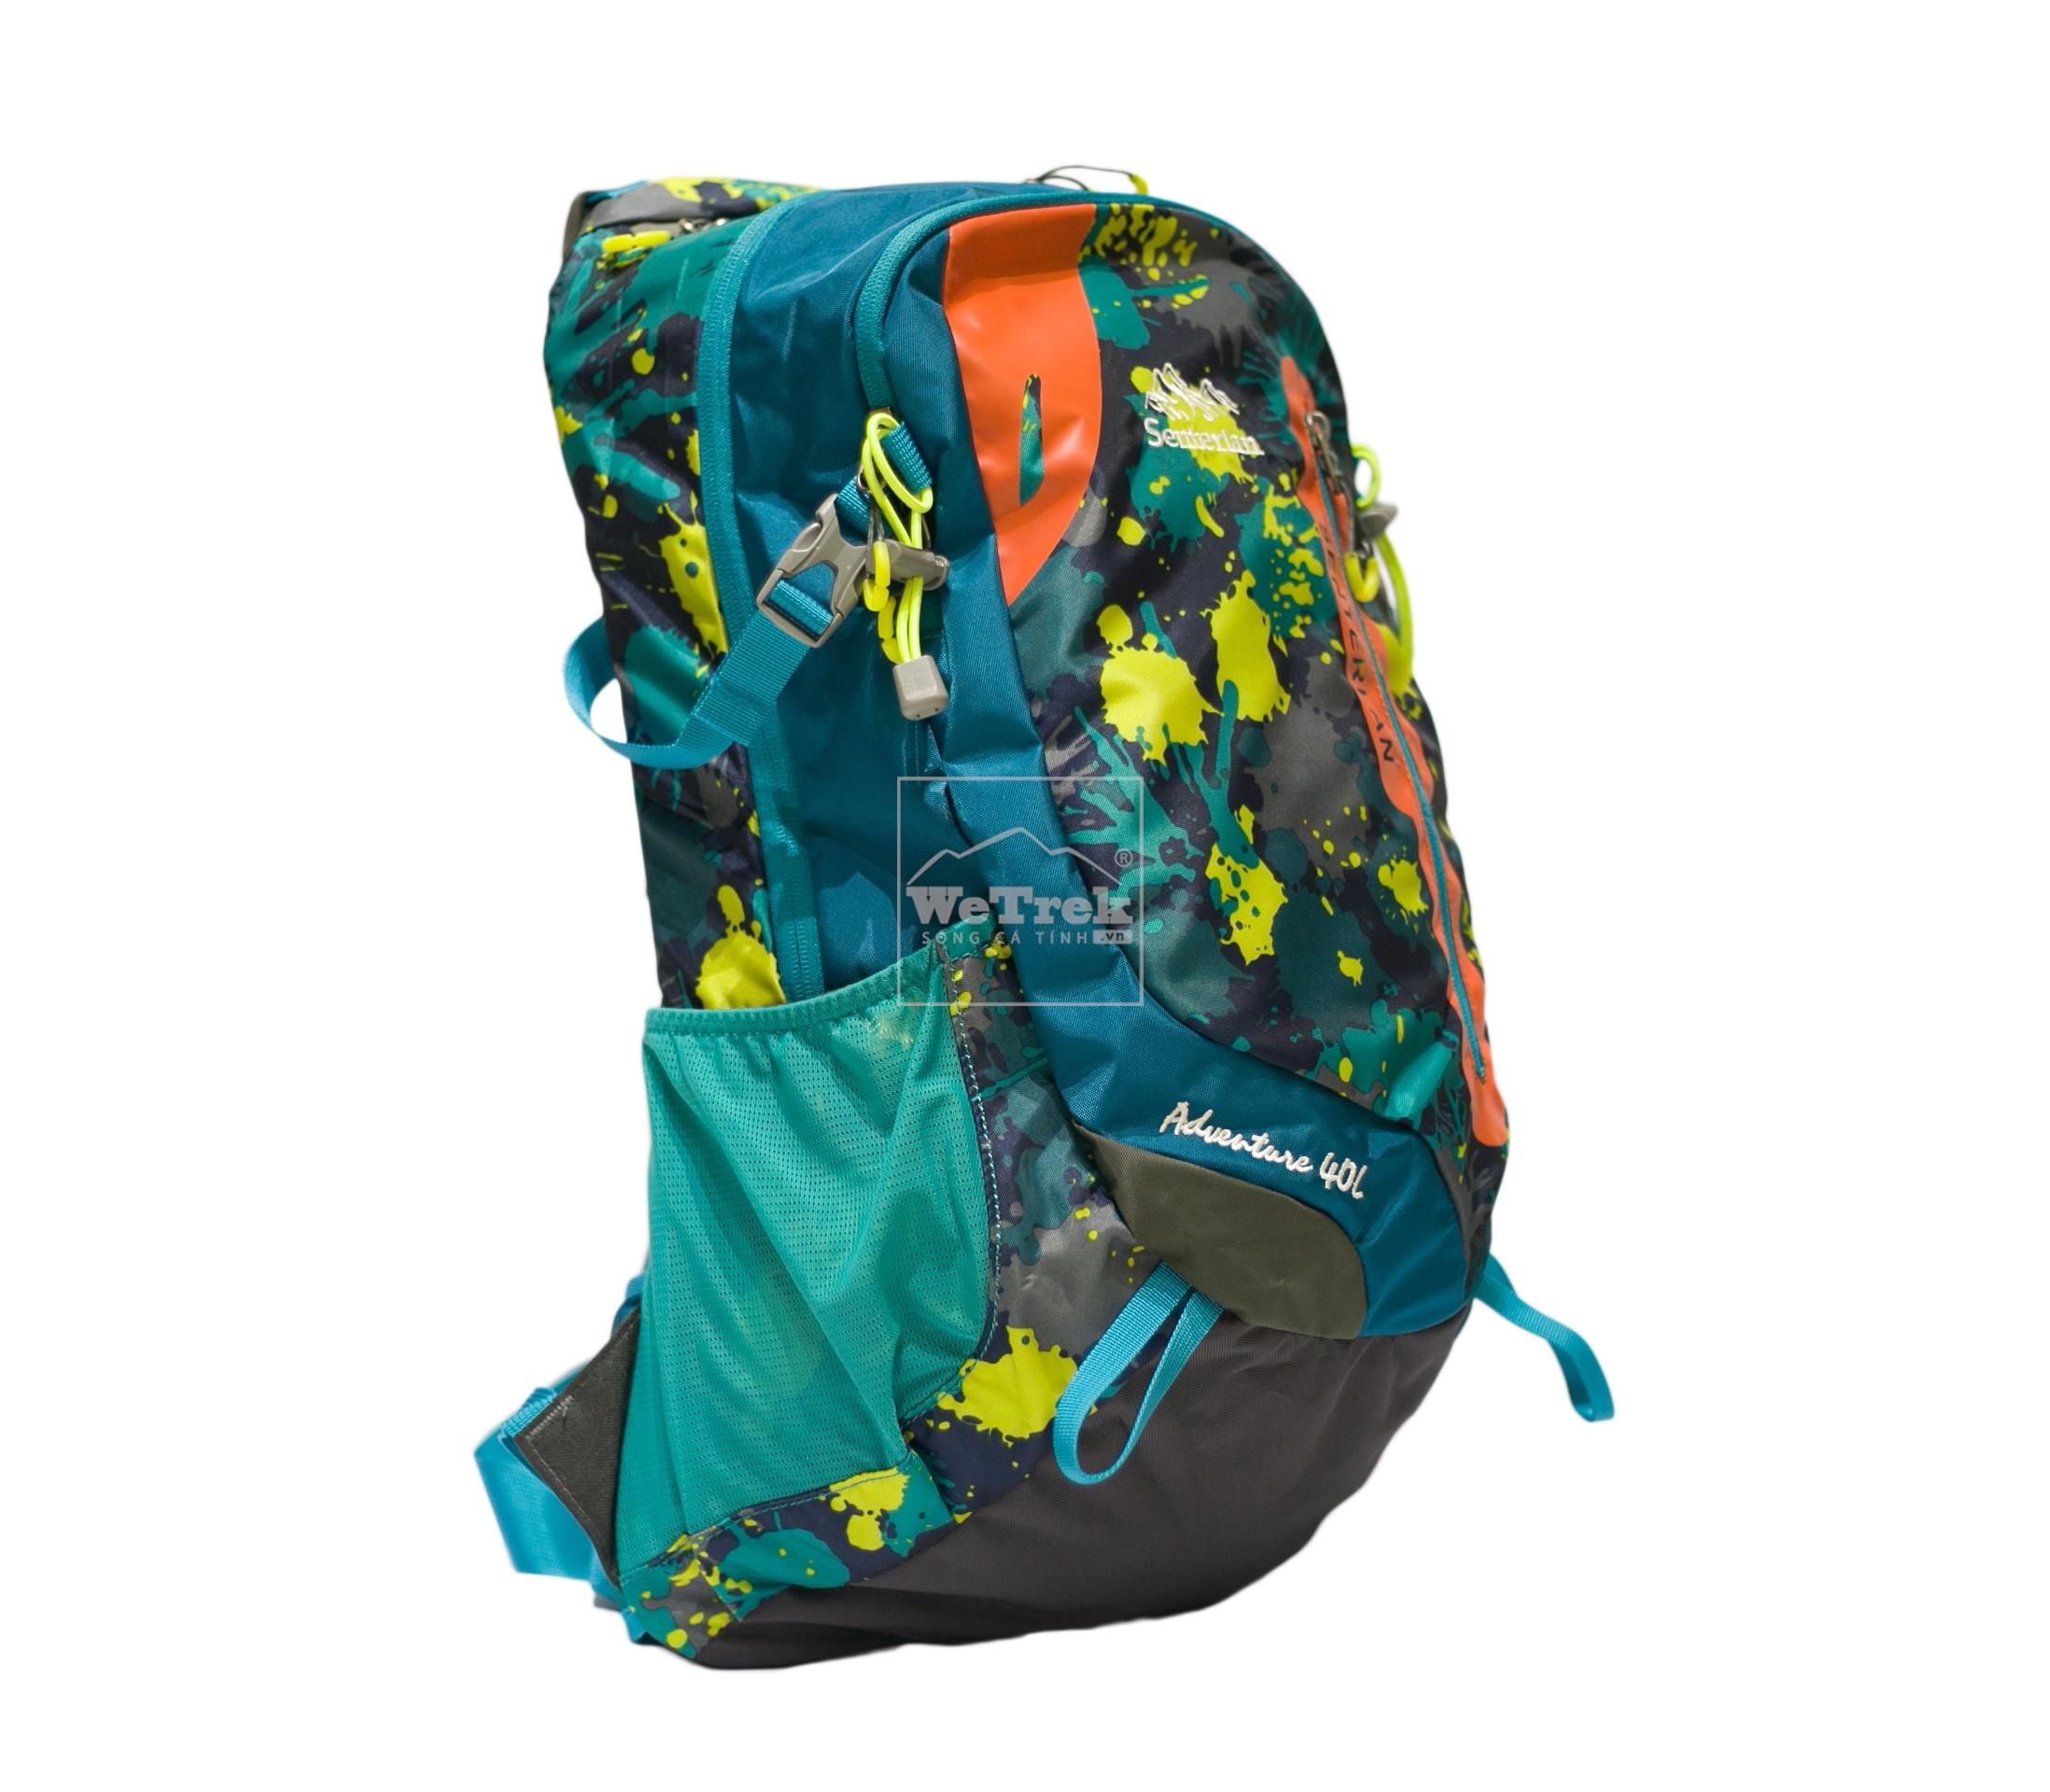 3-balo-leo-nui-Senterlan-Adventure-S2951-8455-hoa-tiet-xanh-la-wetrekvn.jpg